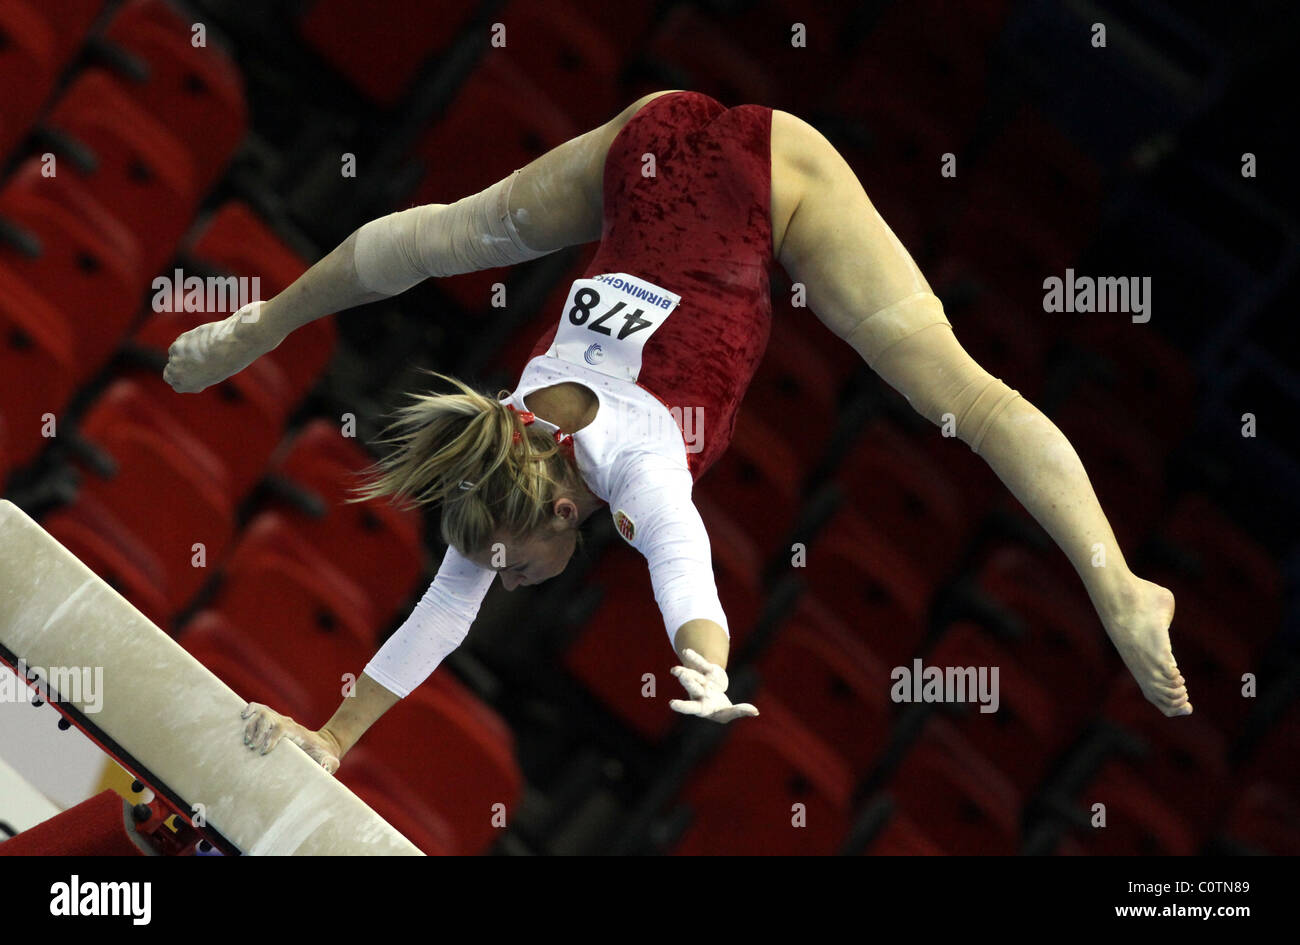 Gymnaste effectue un ATR à l'aide d'un bras sur le faisceau à un concours de gymnastique Banque D'Images